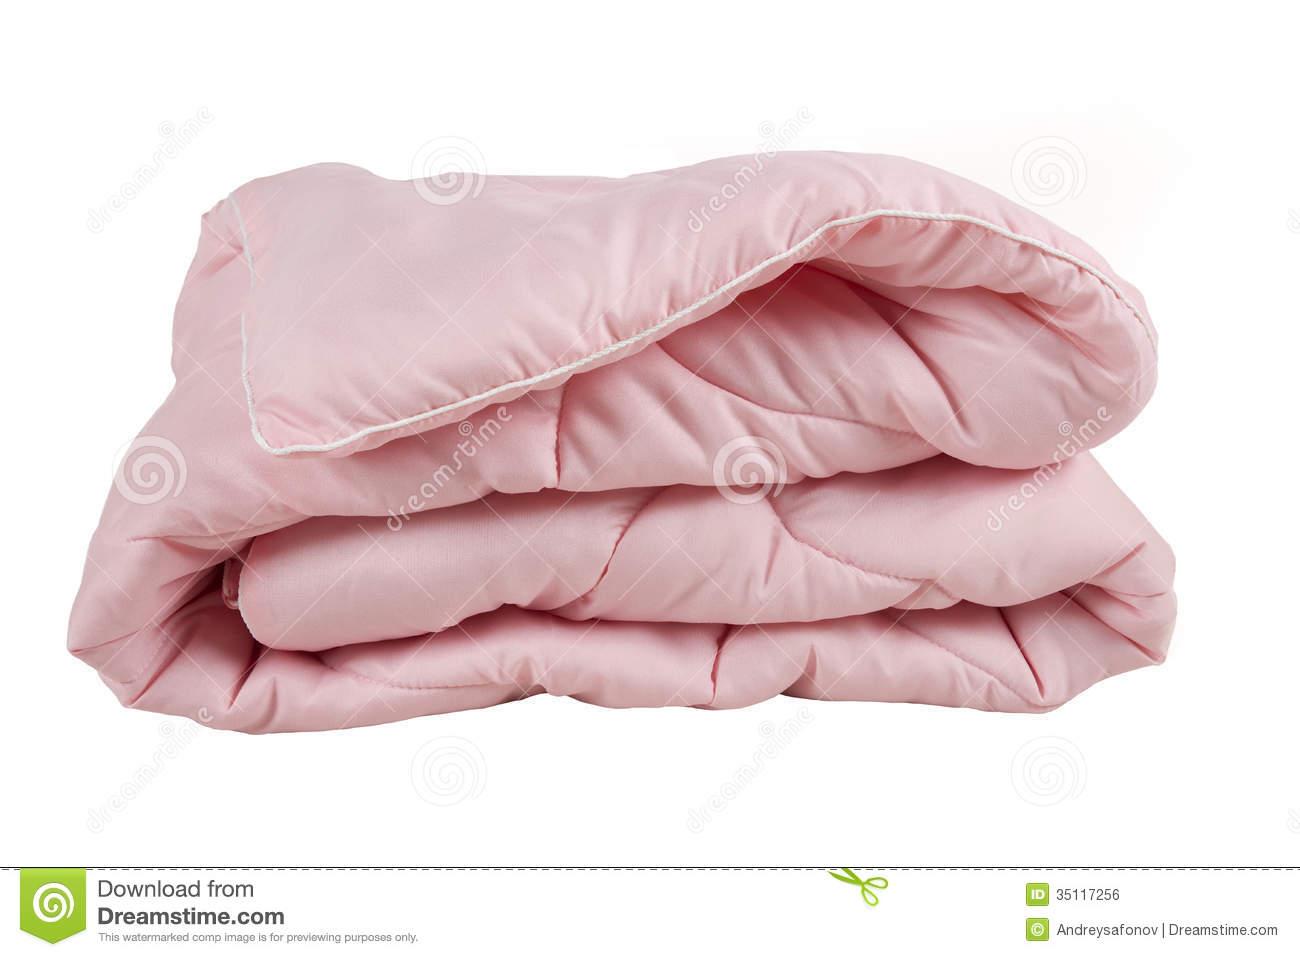 Blanket Clip Art Pink Blanket-Blanket Clip Art Pink Blanket-18